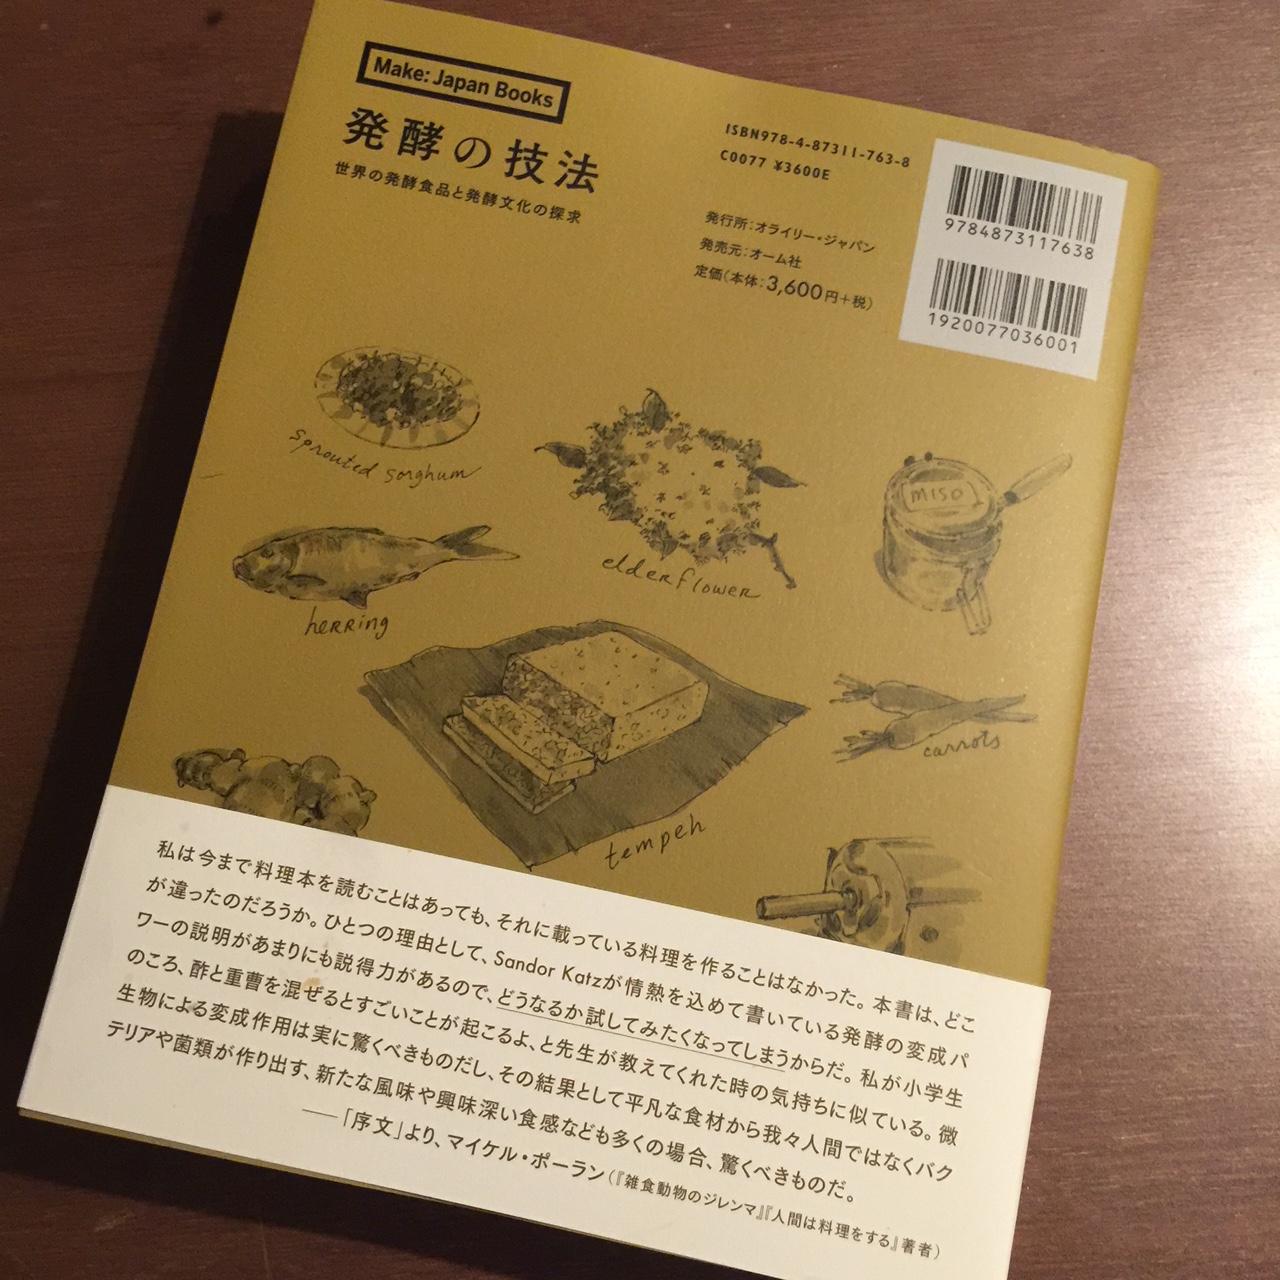 発酵の技術 裏表紙